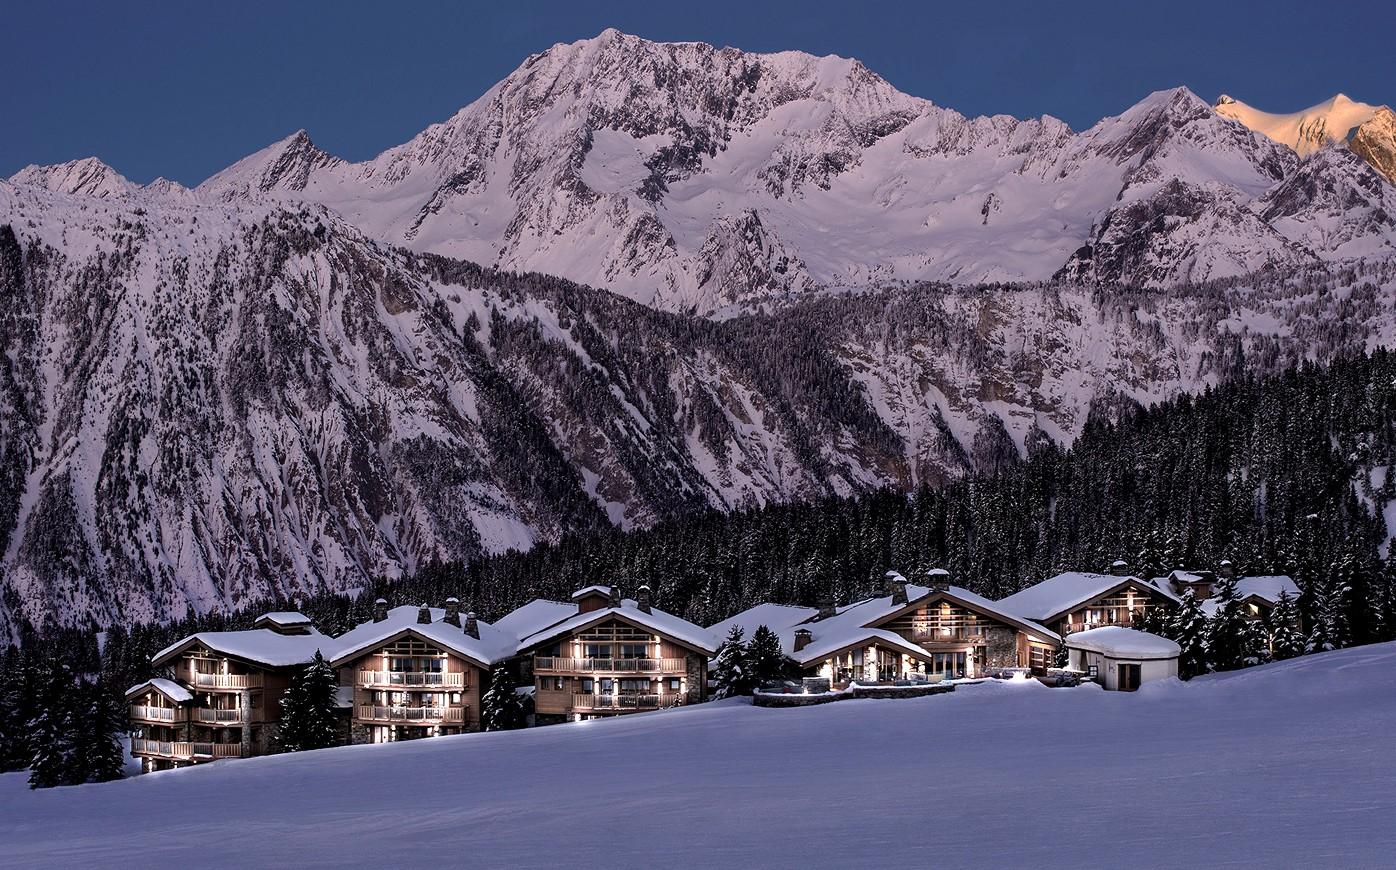 Hôtel Le K2 - Courchevel (Alps)